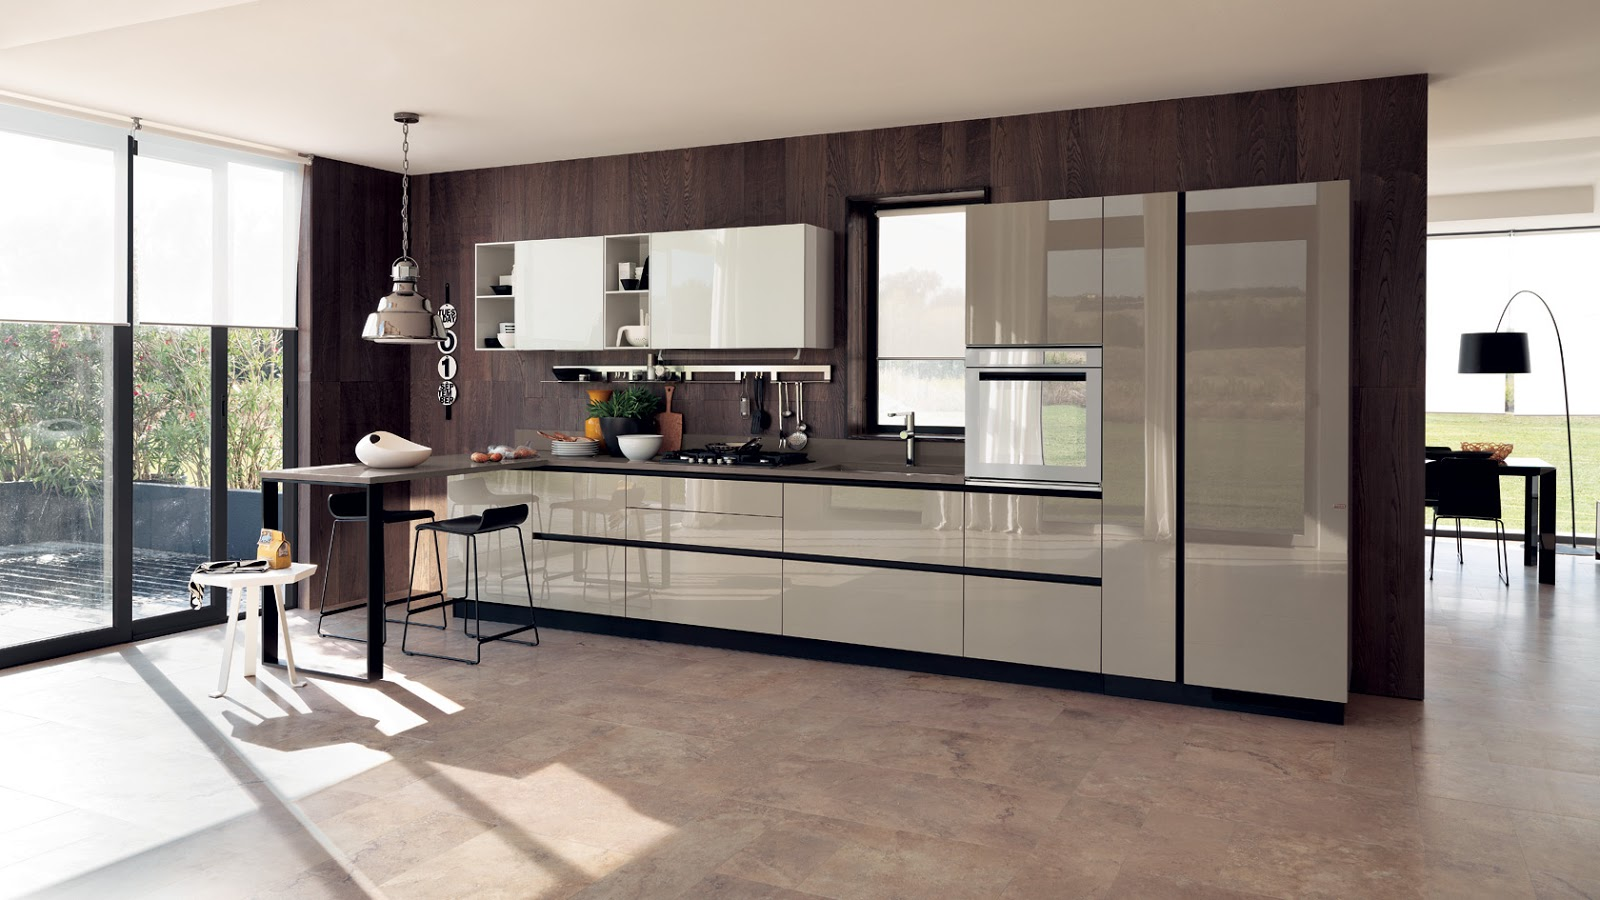 Hermosos dise os de cocinas modernas colores en casa for Disenos de cocinas pequenas modernas